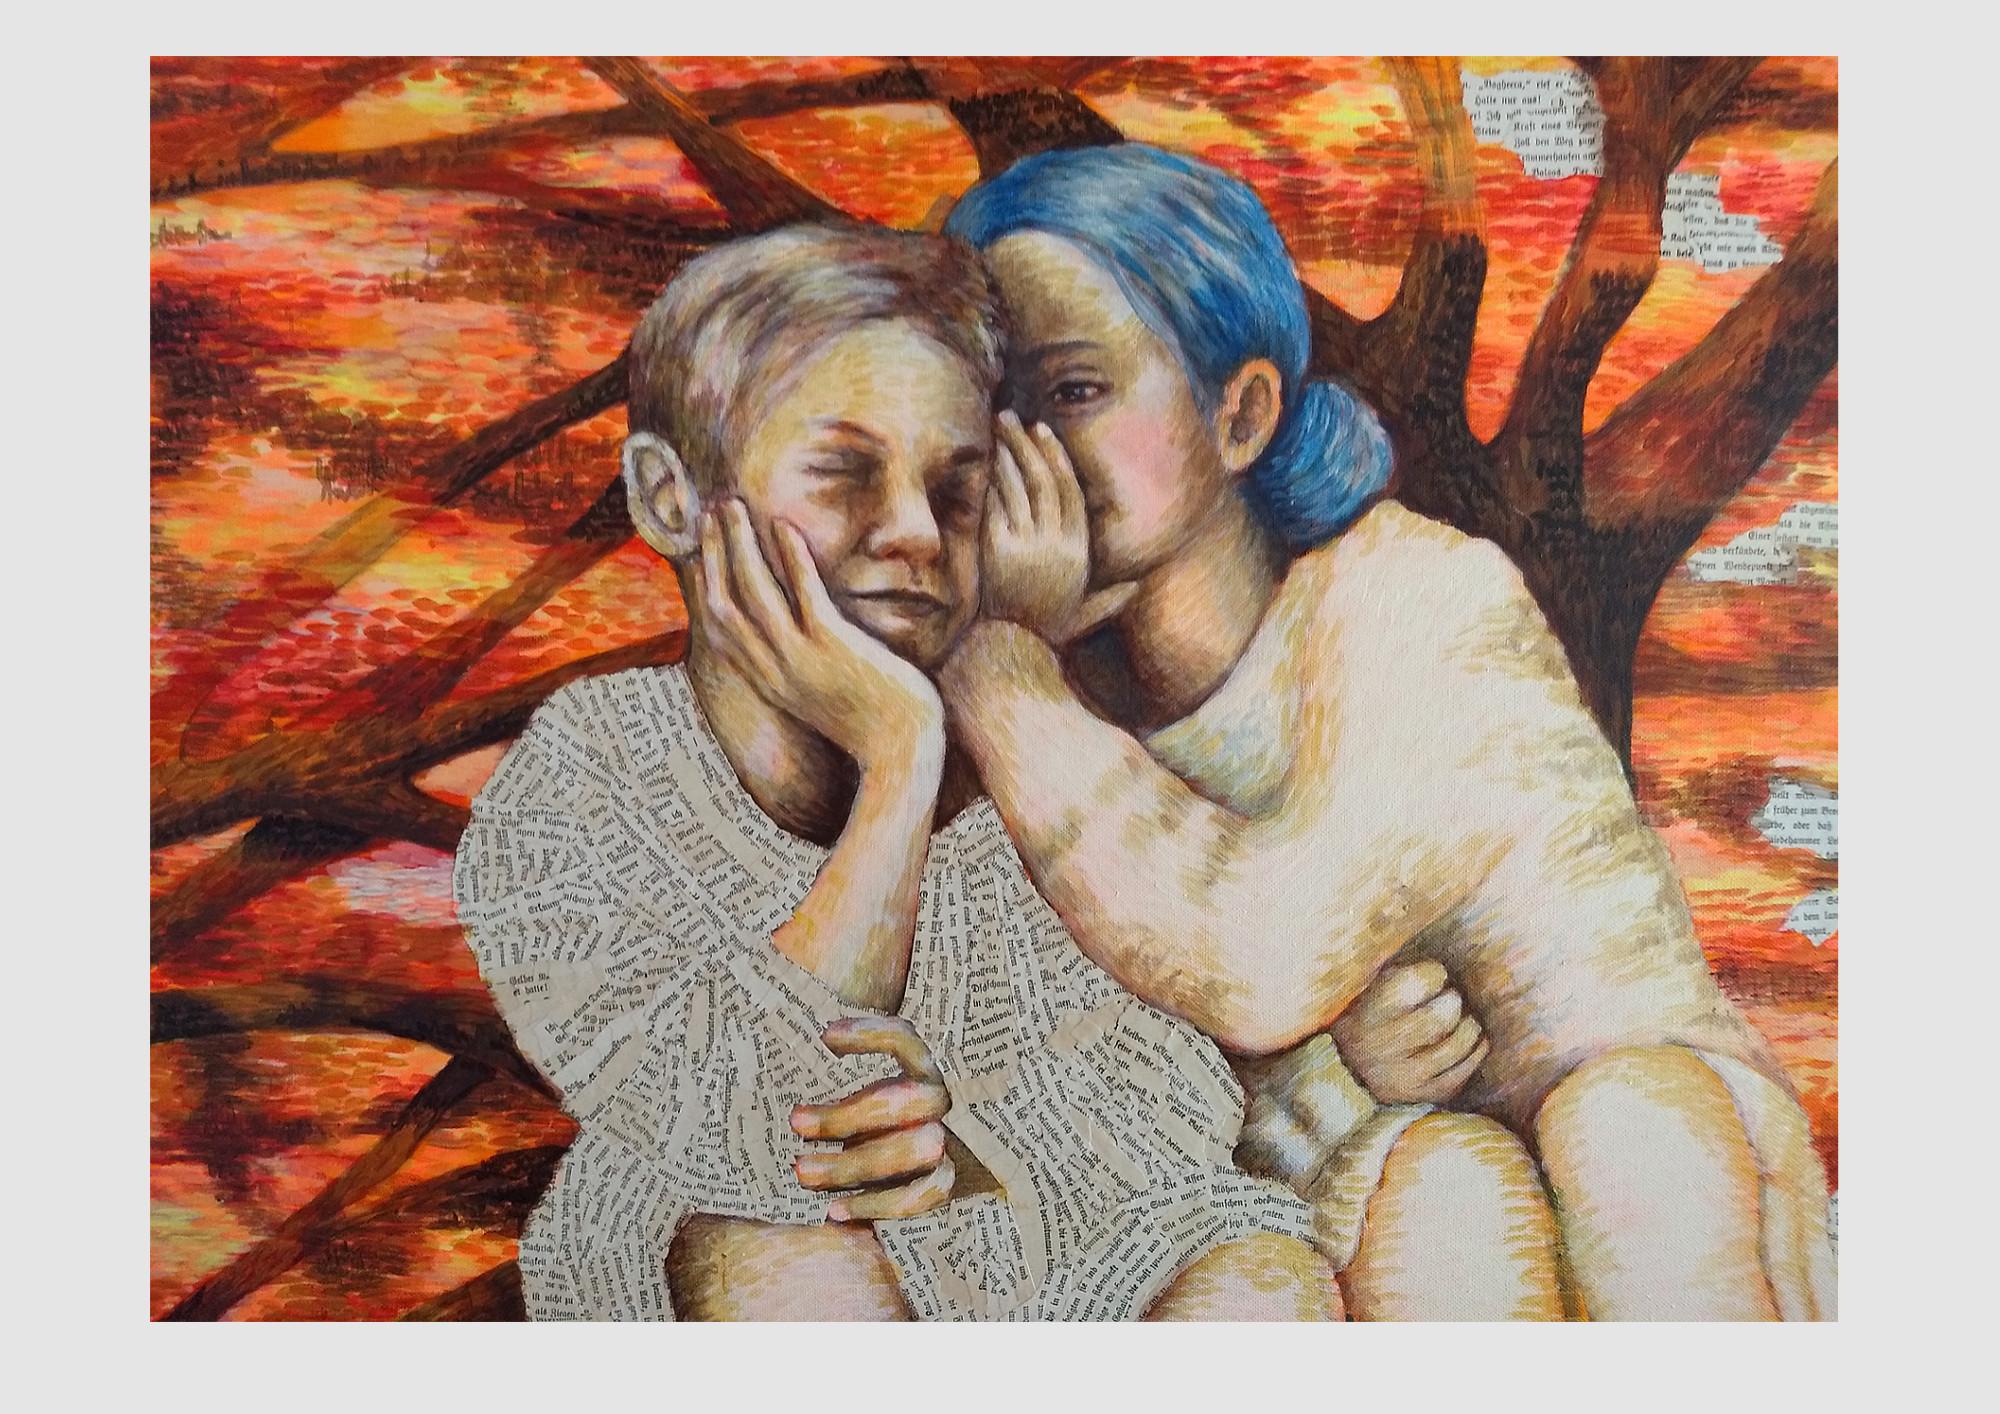 Ein Junge und ein Mädchen flüstern miteinander. Das Mädchen hat blaue Haare, blau wie Tinte, der Junge trägt Kleidung aus alten Buchseiten, dem Dschungelbuch. Der Herbst Wald erzählt eine Geschichte über Literatur, Poesie, Worte und Bücher.